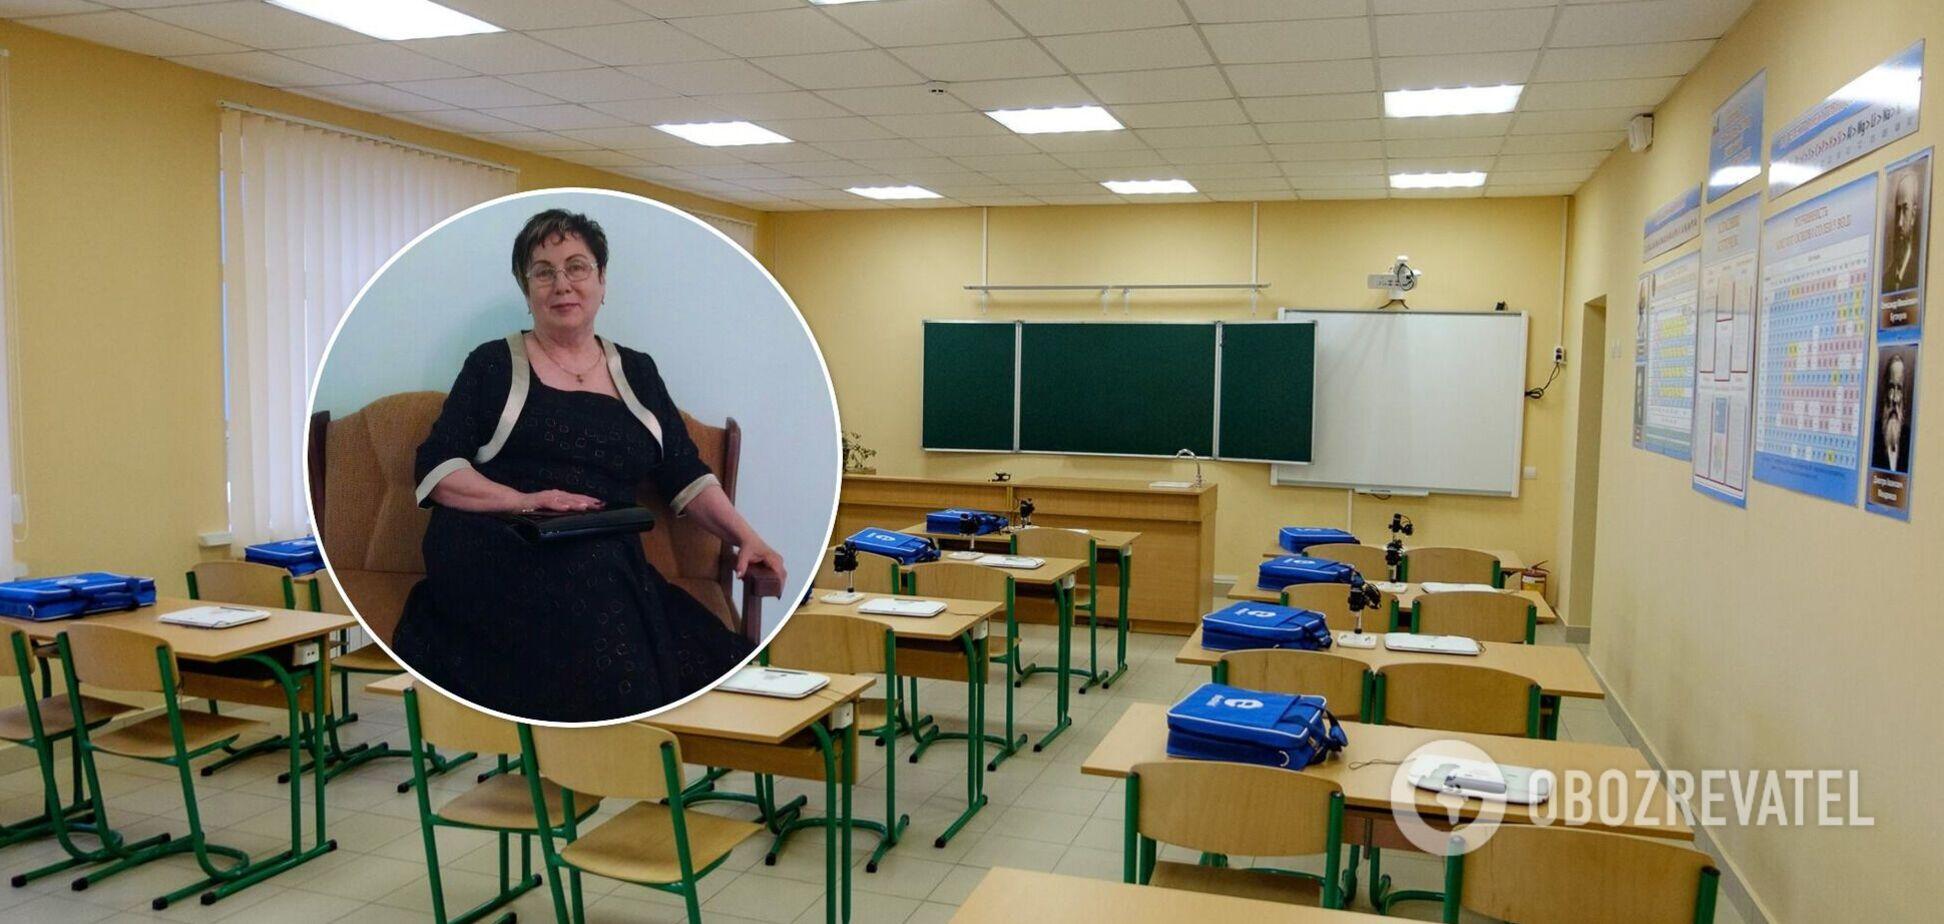 На Львовщине директор обозвала школьников 'целлюлитными', а их одежду – 'для сбора клубники'. Аудио